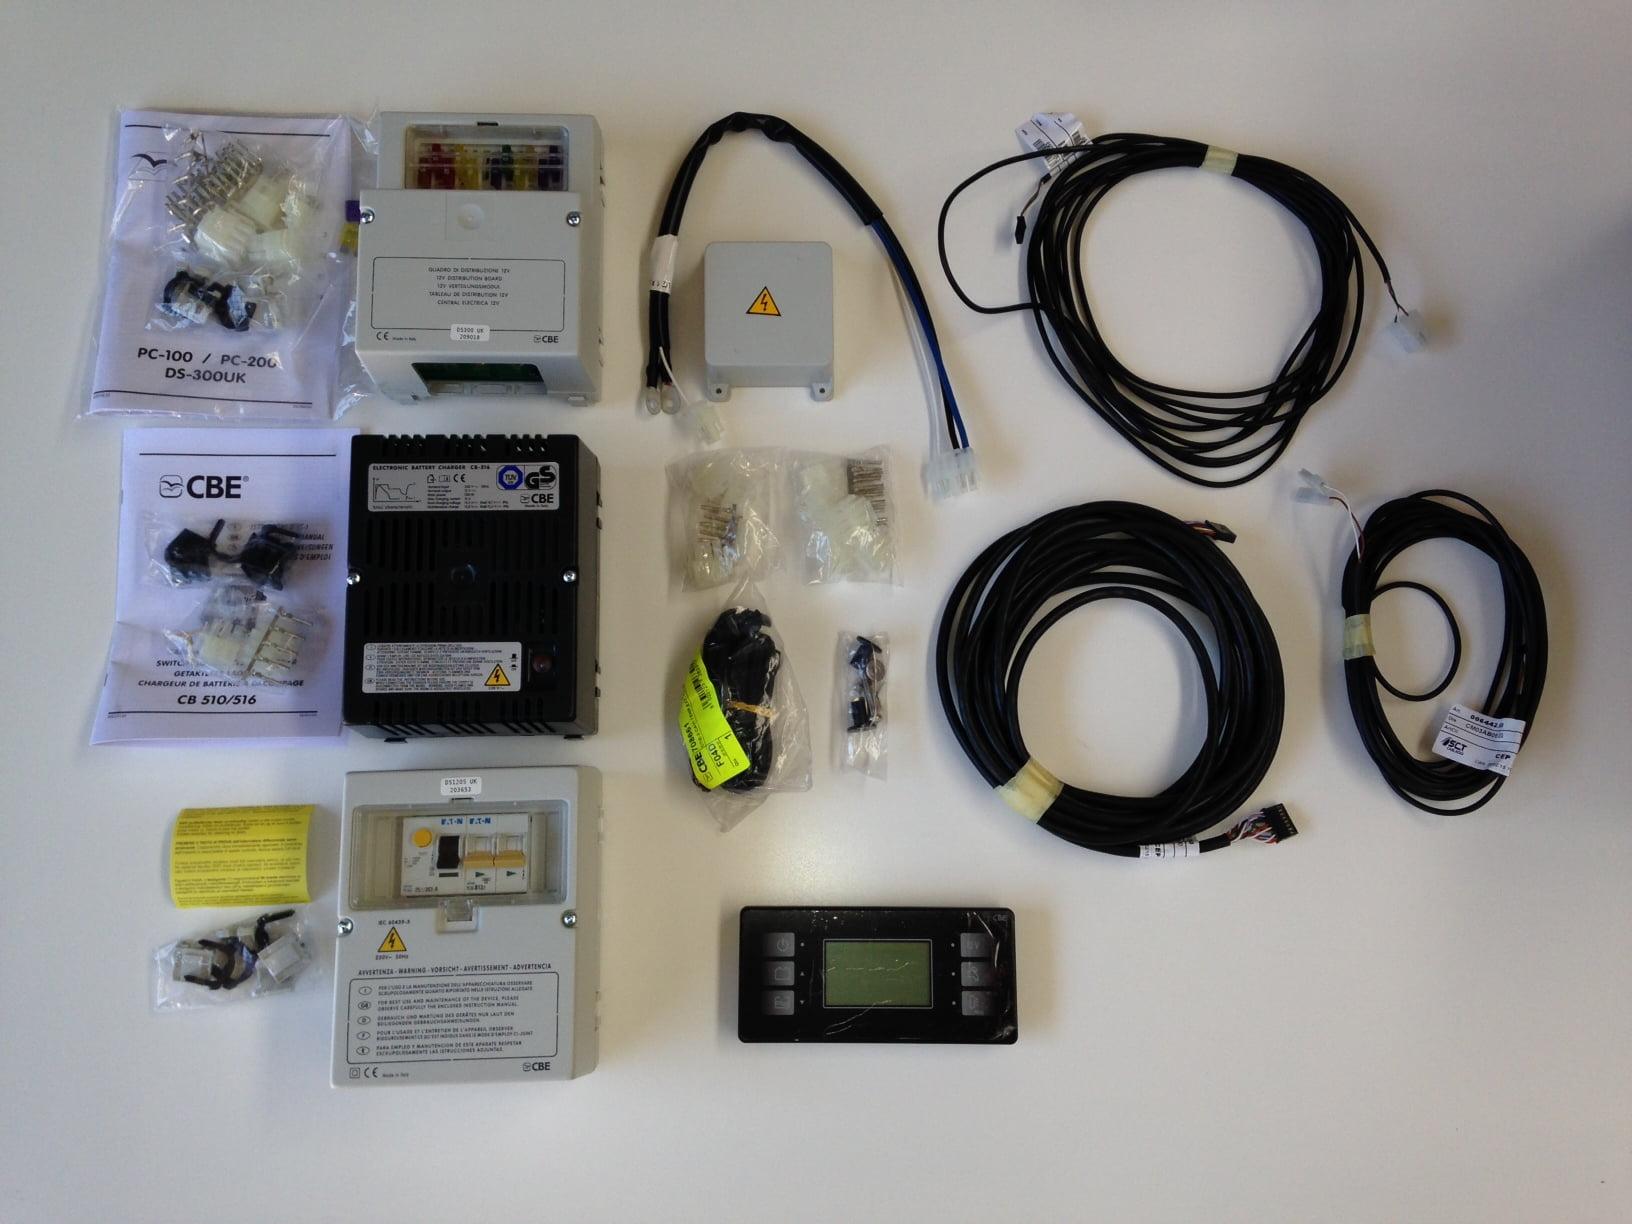 Cbe Pc210 Kit Black